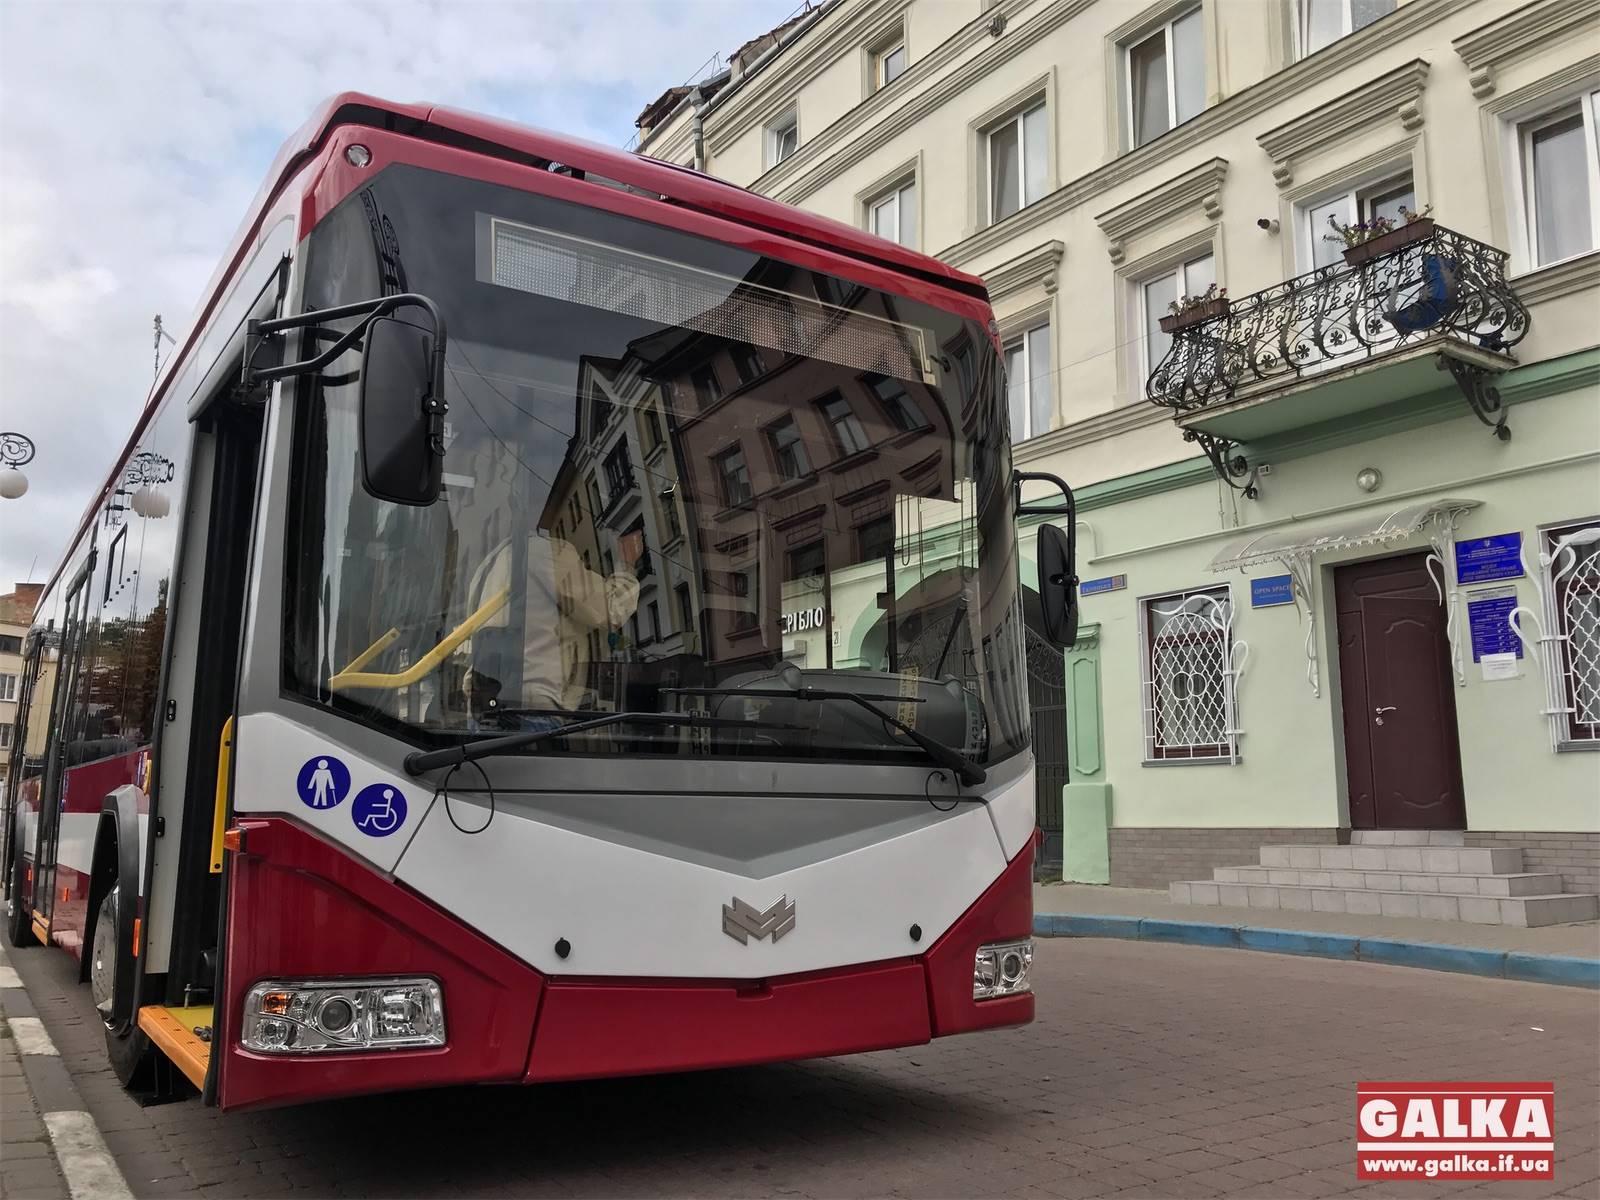 Зроби музей, кафе і ще щось, – Марцінків хоче, аби у старих тролейбусах з'явилися атракції